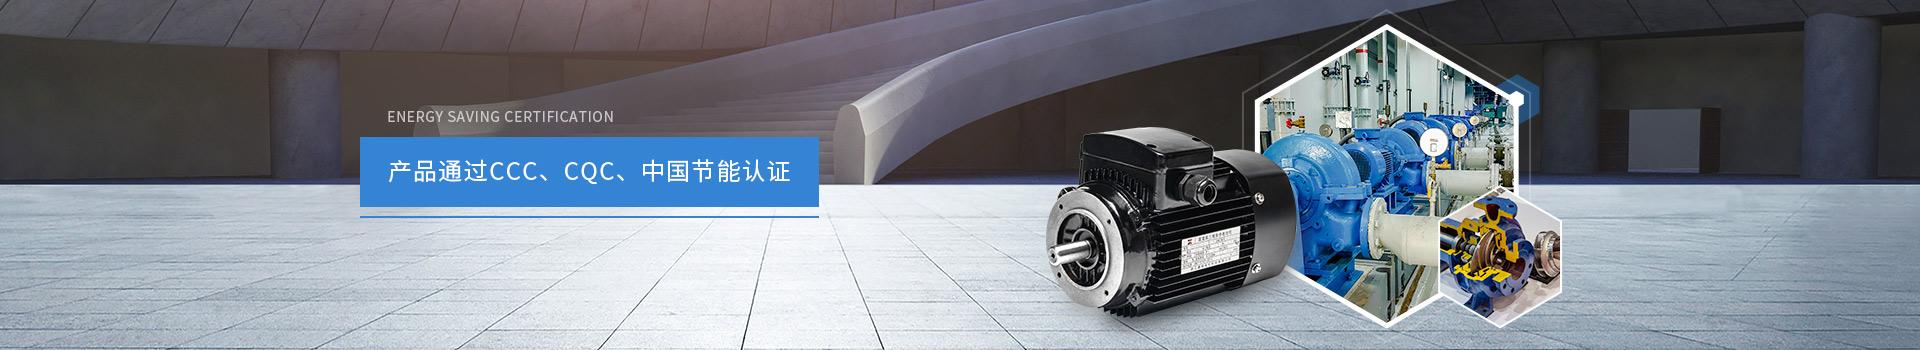 鑫特电机产品通过CCC、中国节能认证